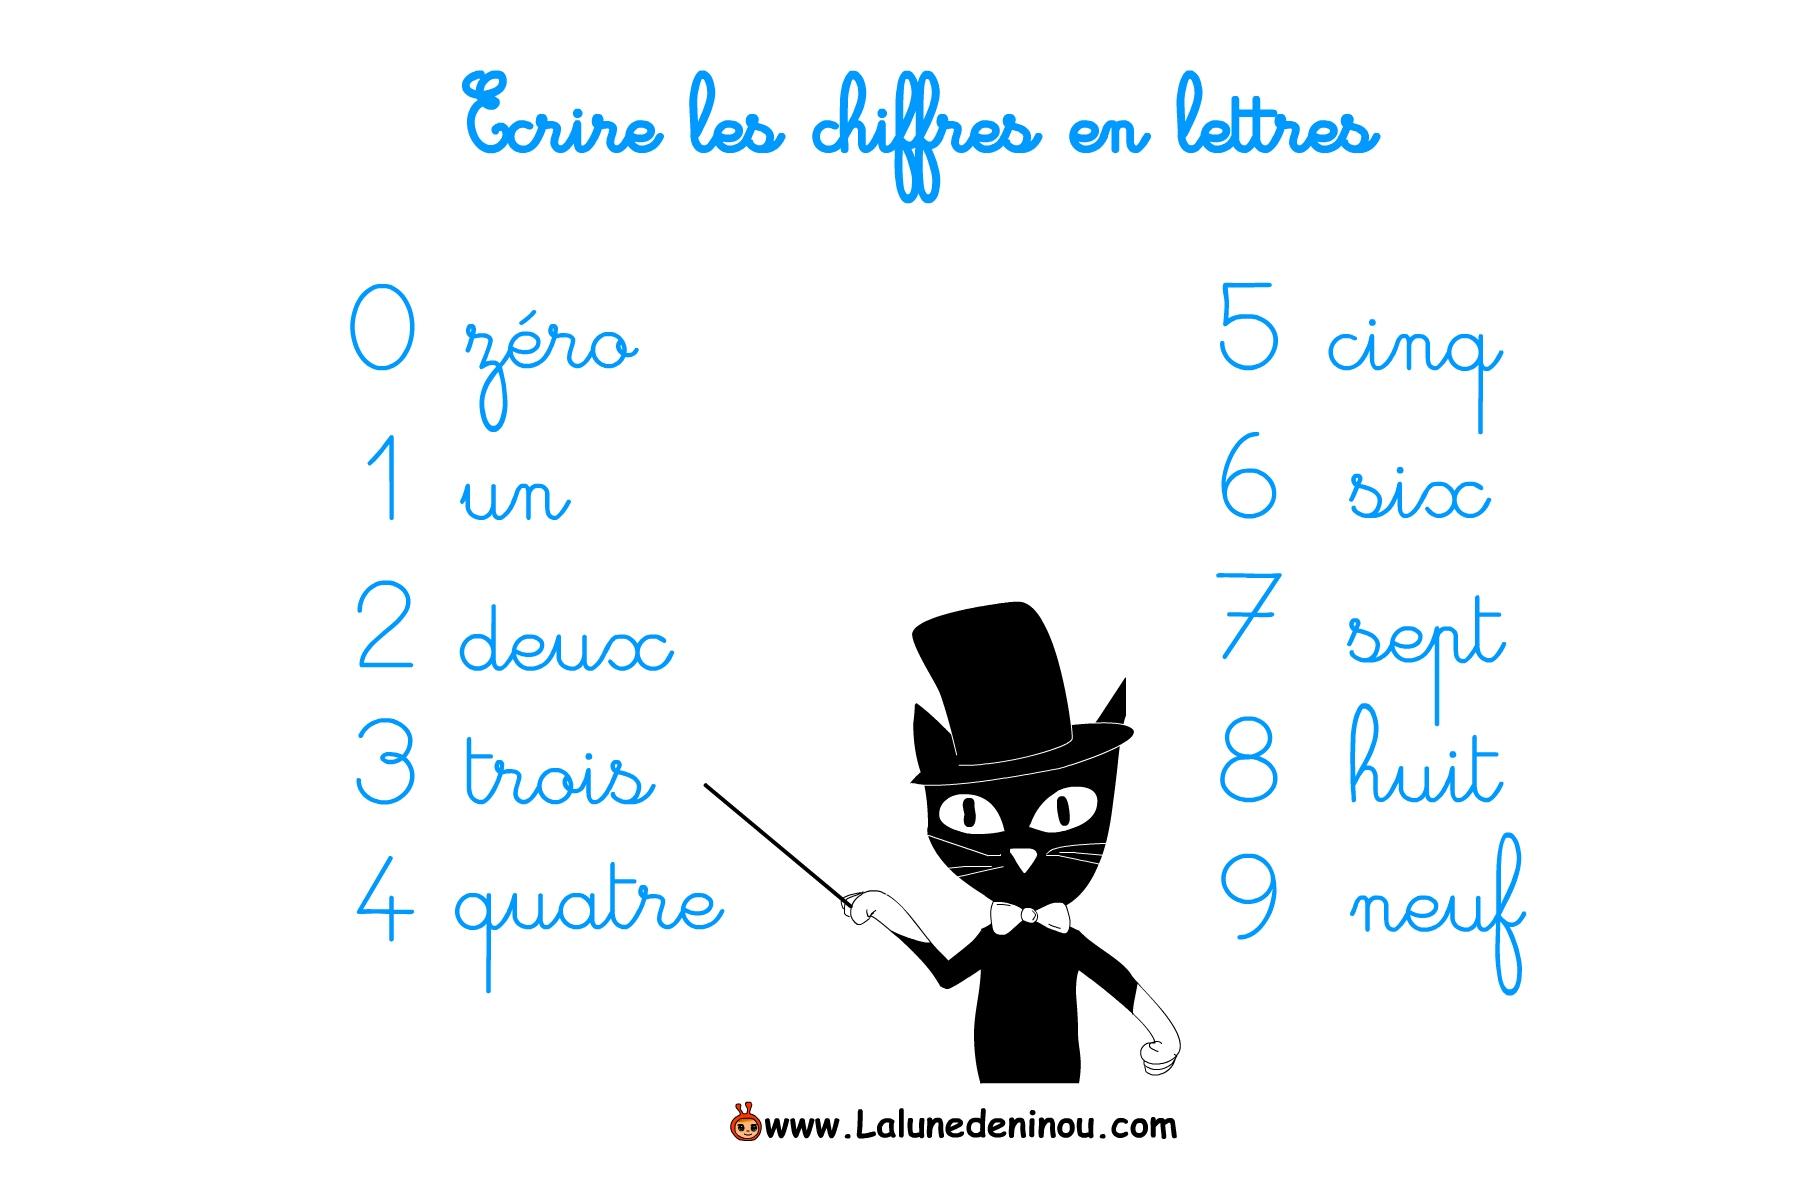 Ecrire Les Chiffres En Lettres - Jeux Pour Enfants Sur tout Jeux Pour Apprendre Les Chiffres En Francais